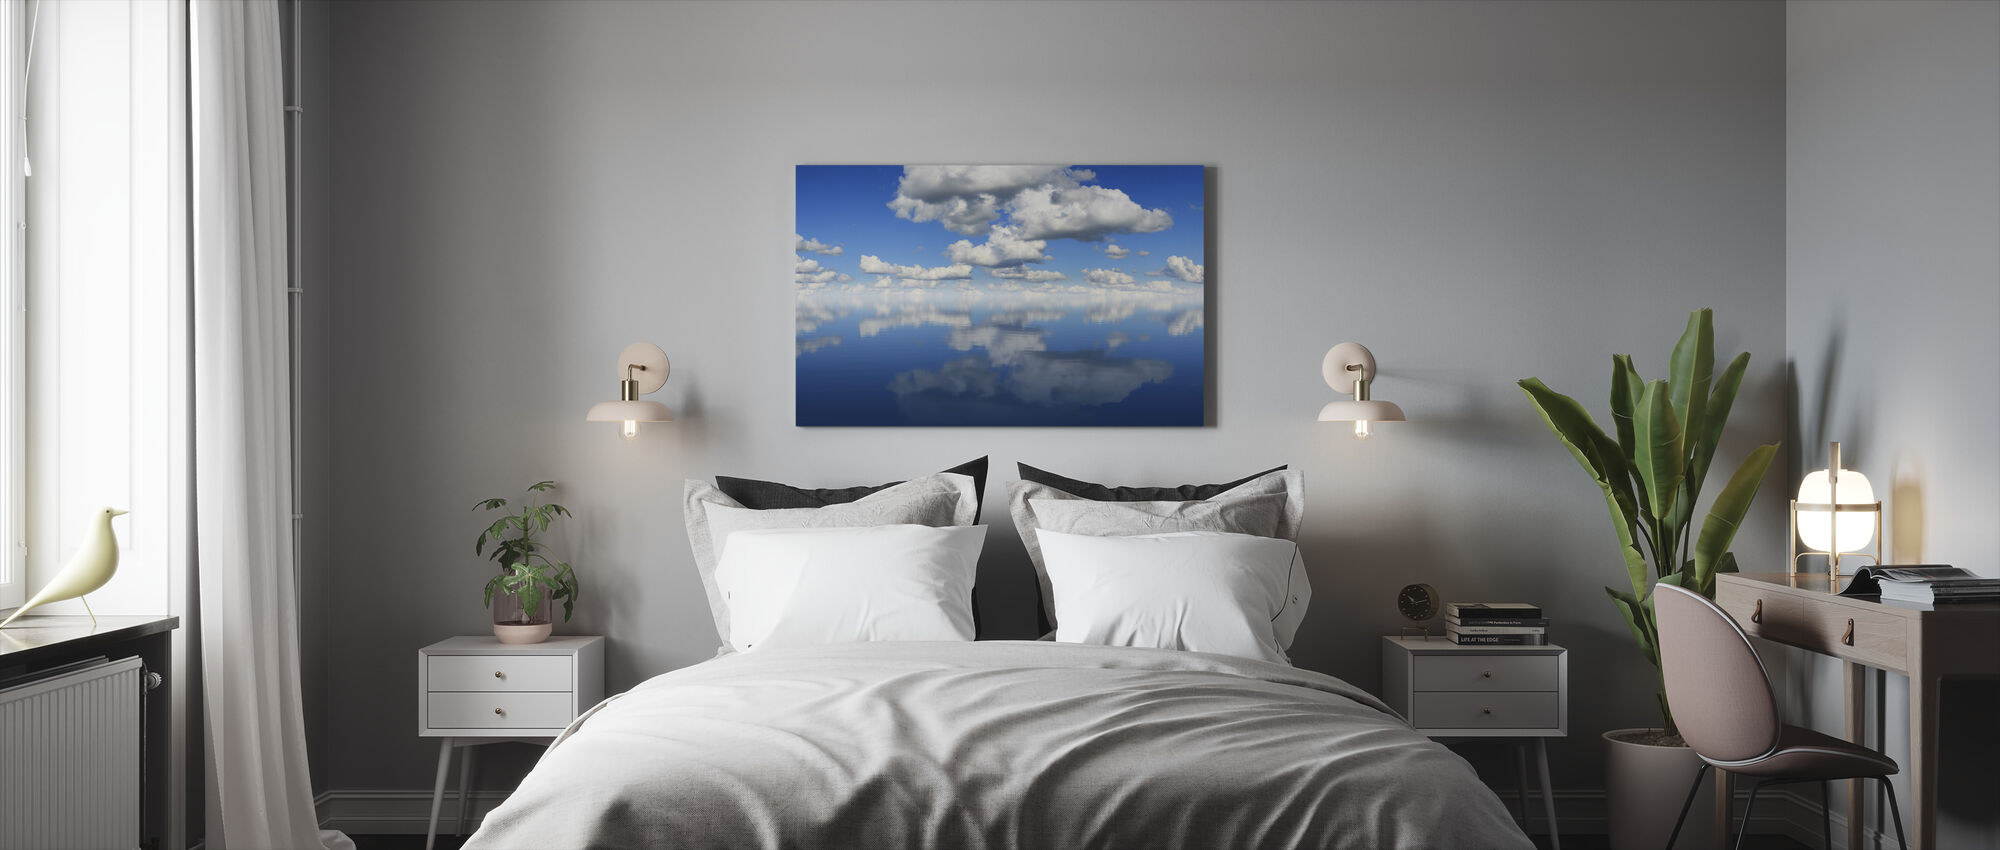 Peili meri - Canvastaulu - Makuuhuone